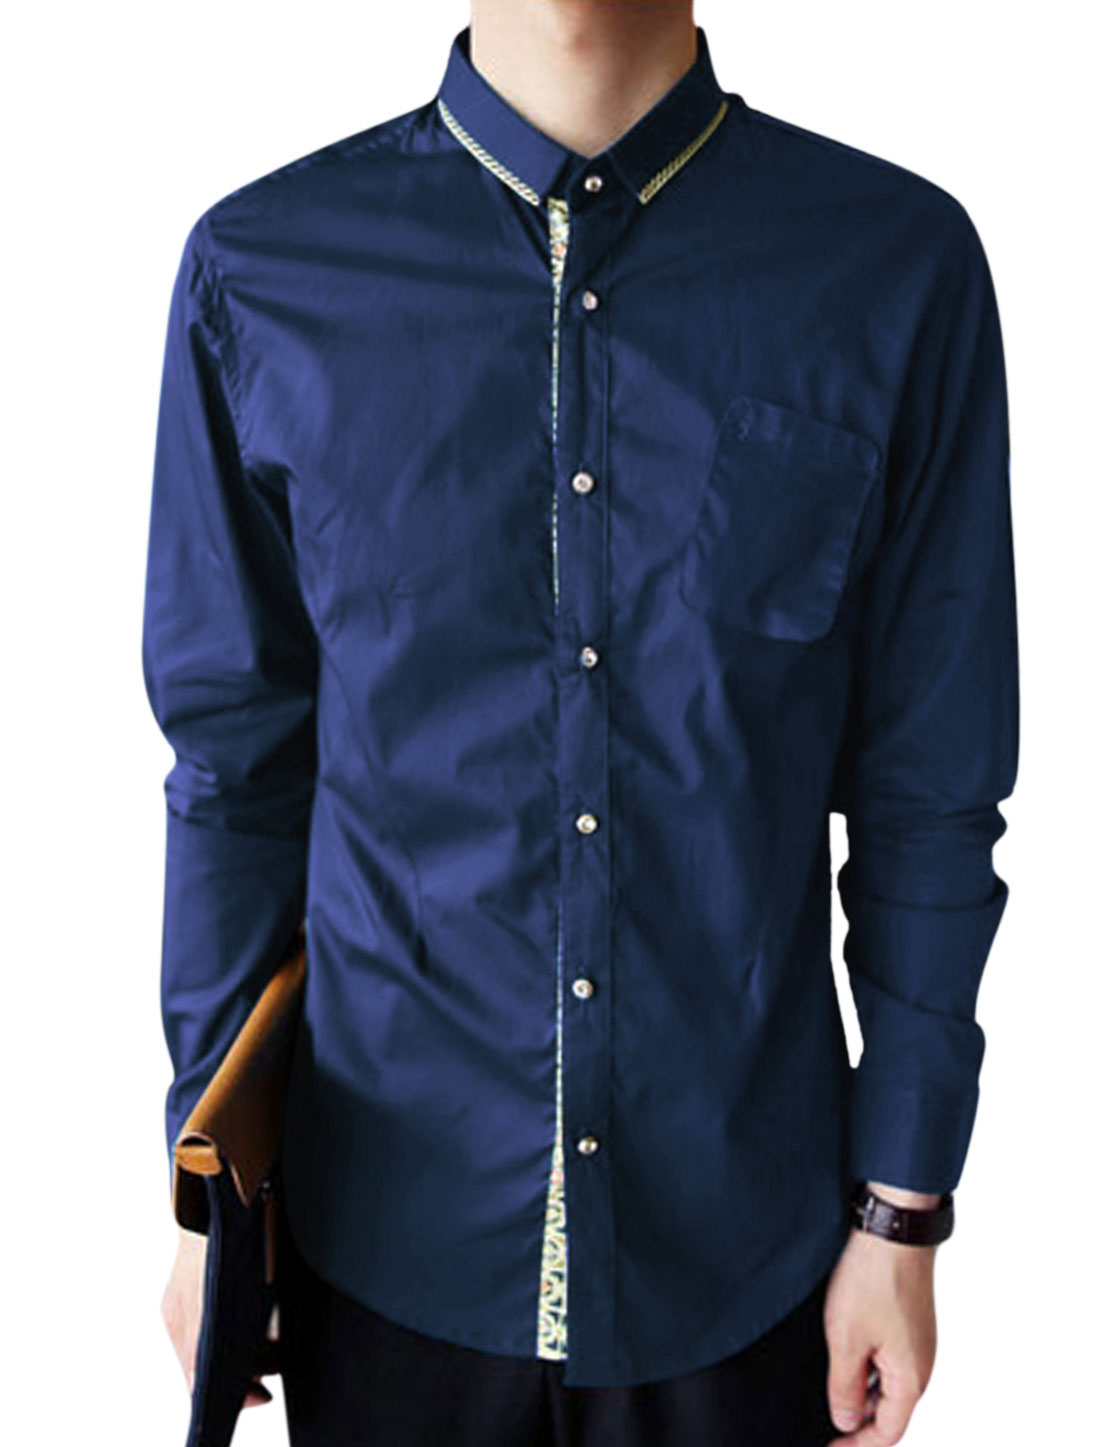 Men Long Sleeve Point Collar Button Closure Shirt Navy Blue Beige M